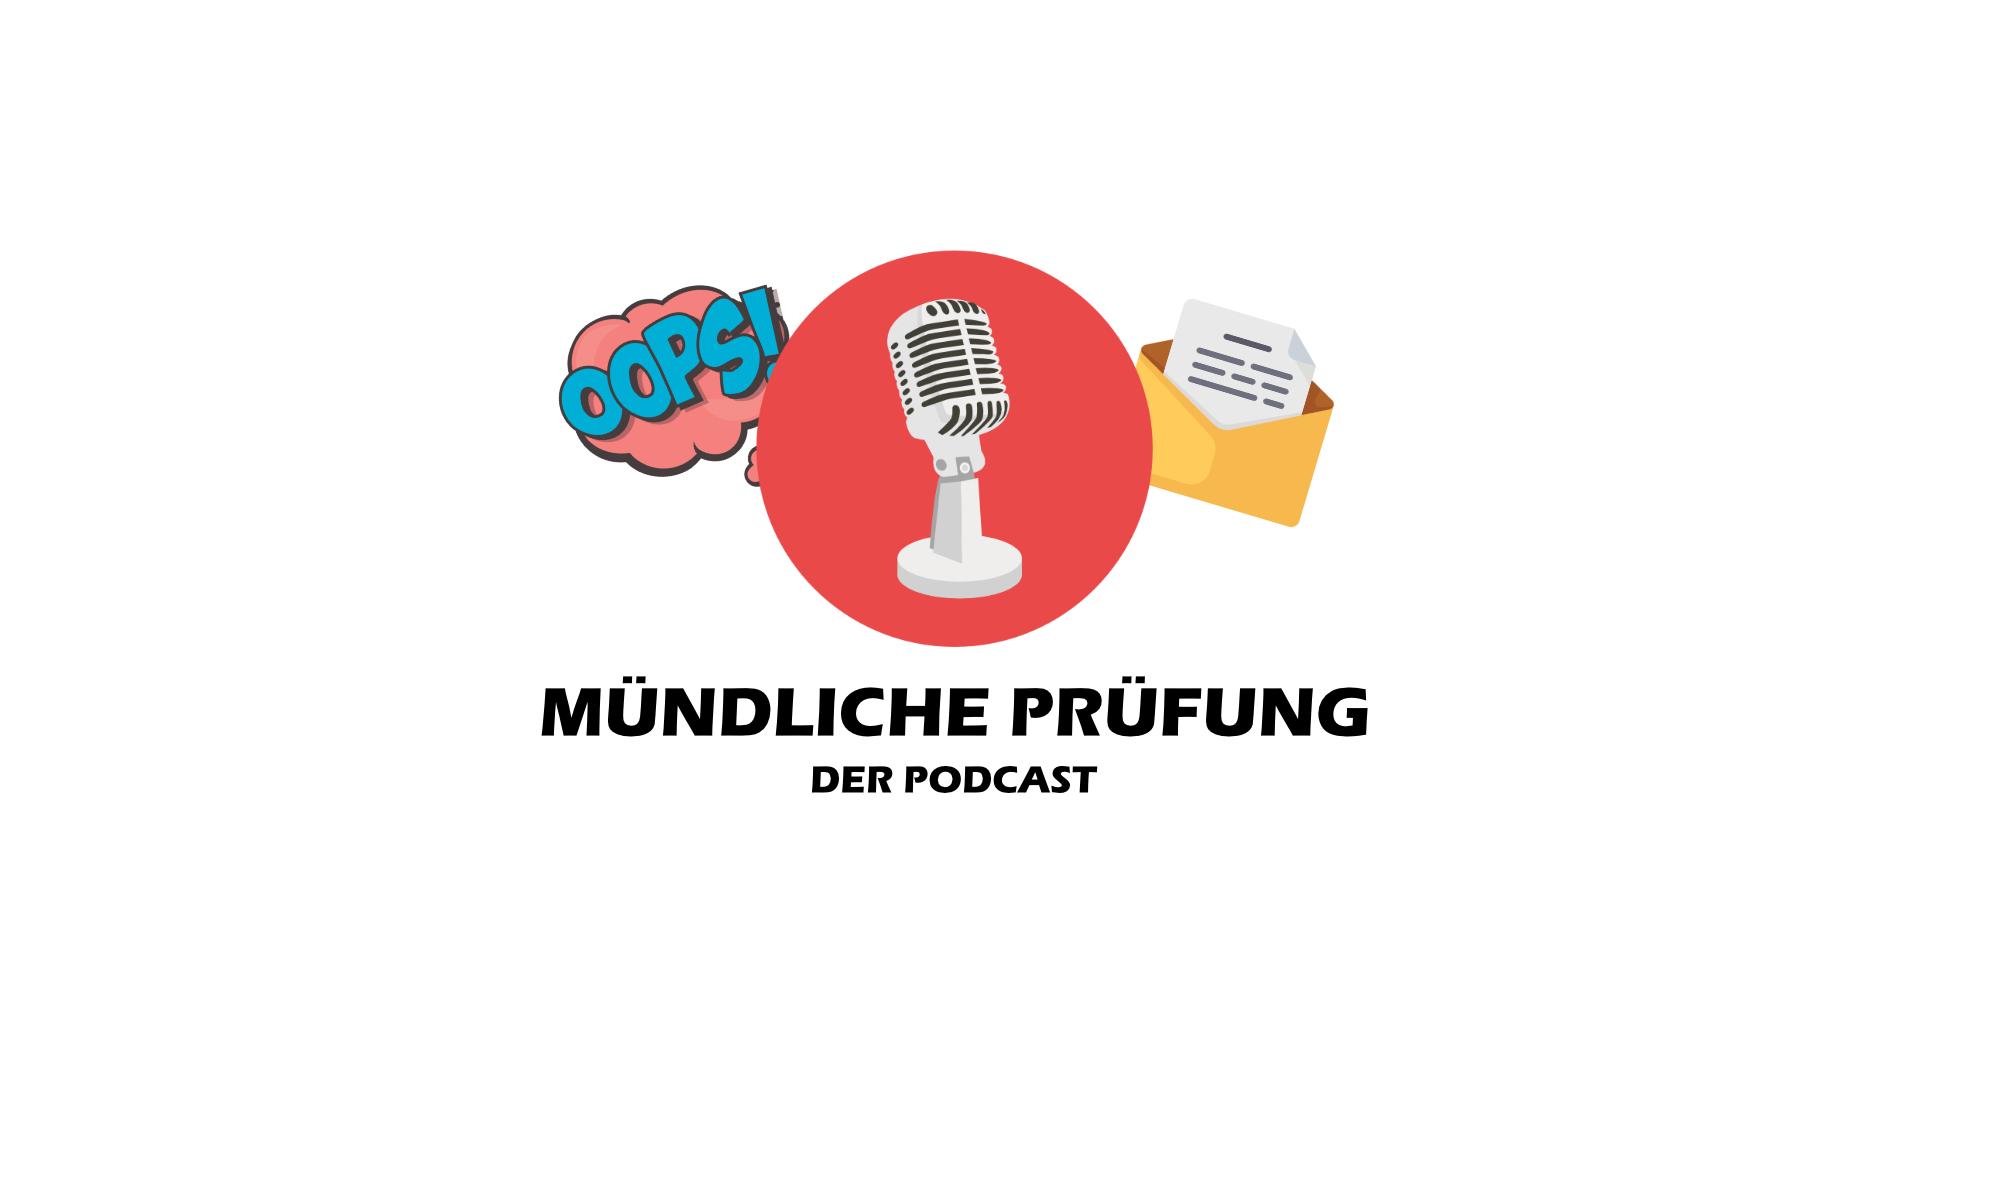 Mündliche Prüfung der thematisch breite Podcast